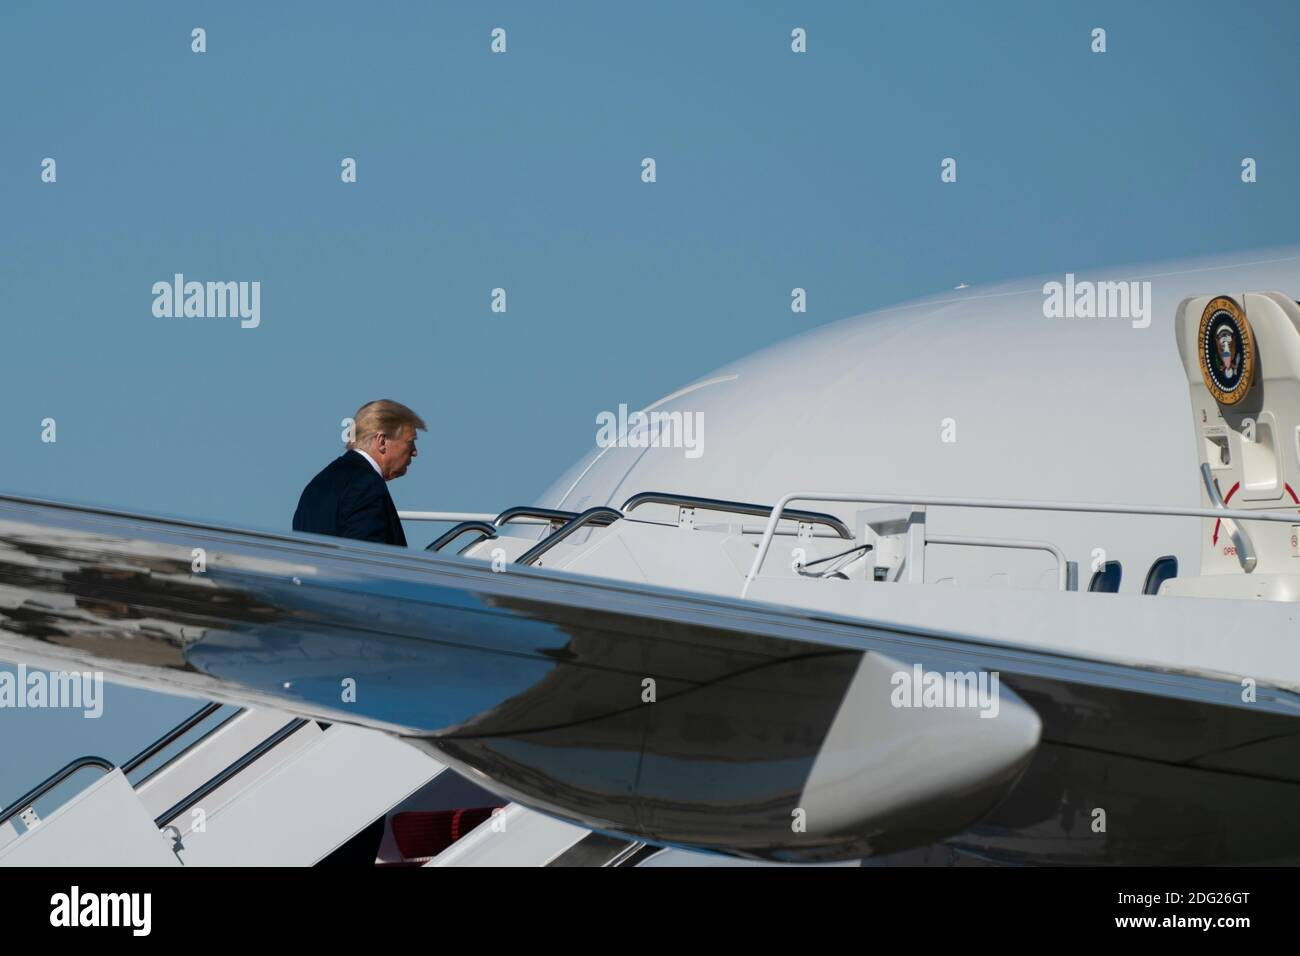 Washington, Distrito de Columbia, Estados Unidos. 30 de enero de 2020. El presidente estadounidense Donald Trump enjunta la Fuerza Aérea uno en la base conjunta Andrews en Maryland, EE.UU., el sábado, 17 de octubre de 2020. Se espera que Trump haga múltiples paradas de campaña en la costa oeste durante los próximos días, descansando durante la noche en las Vegas, Nevada. Crédito: Alex Edelman/ZUMA Wire/Alamy Live News Foto de stock